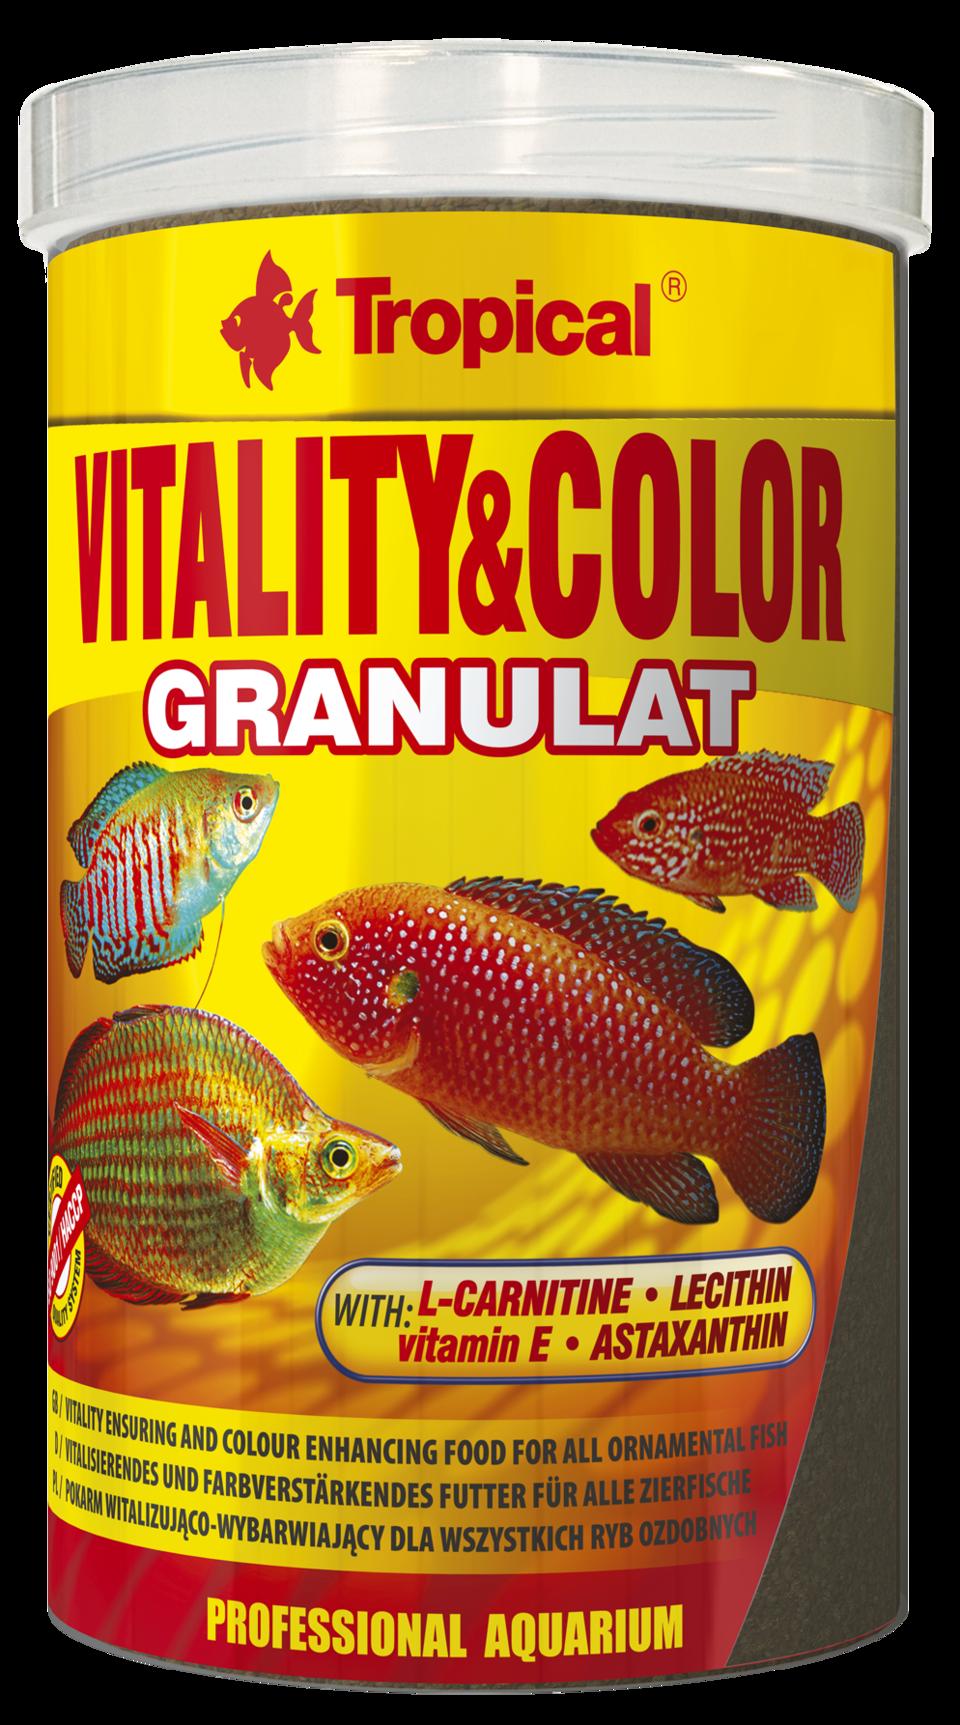 csm_vitality-color-granulat_1000_cef32957d9